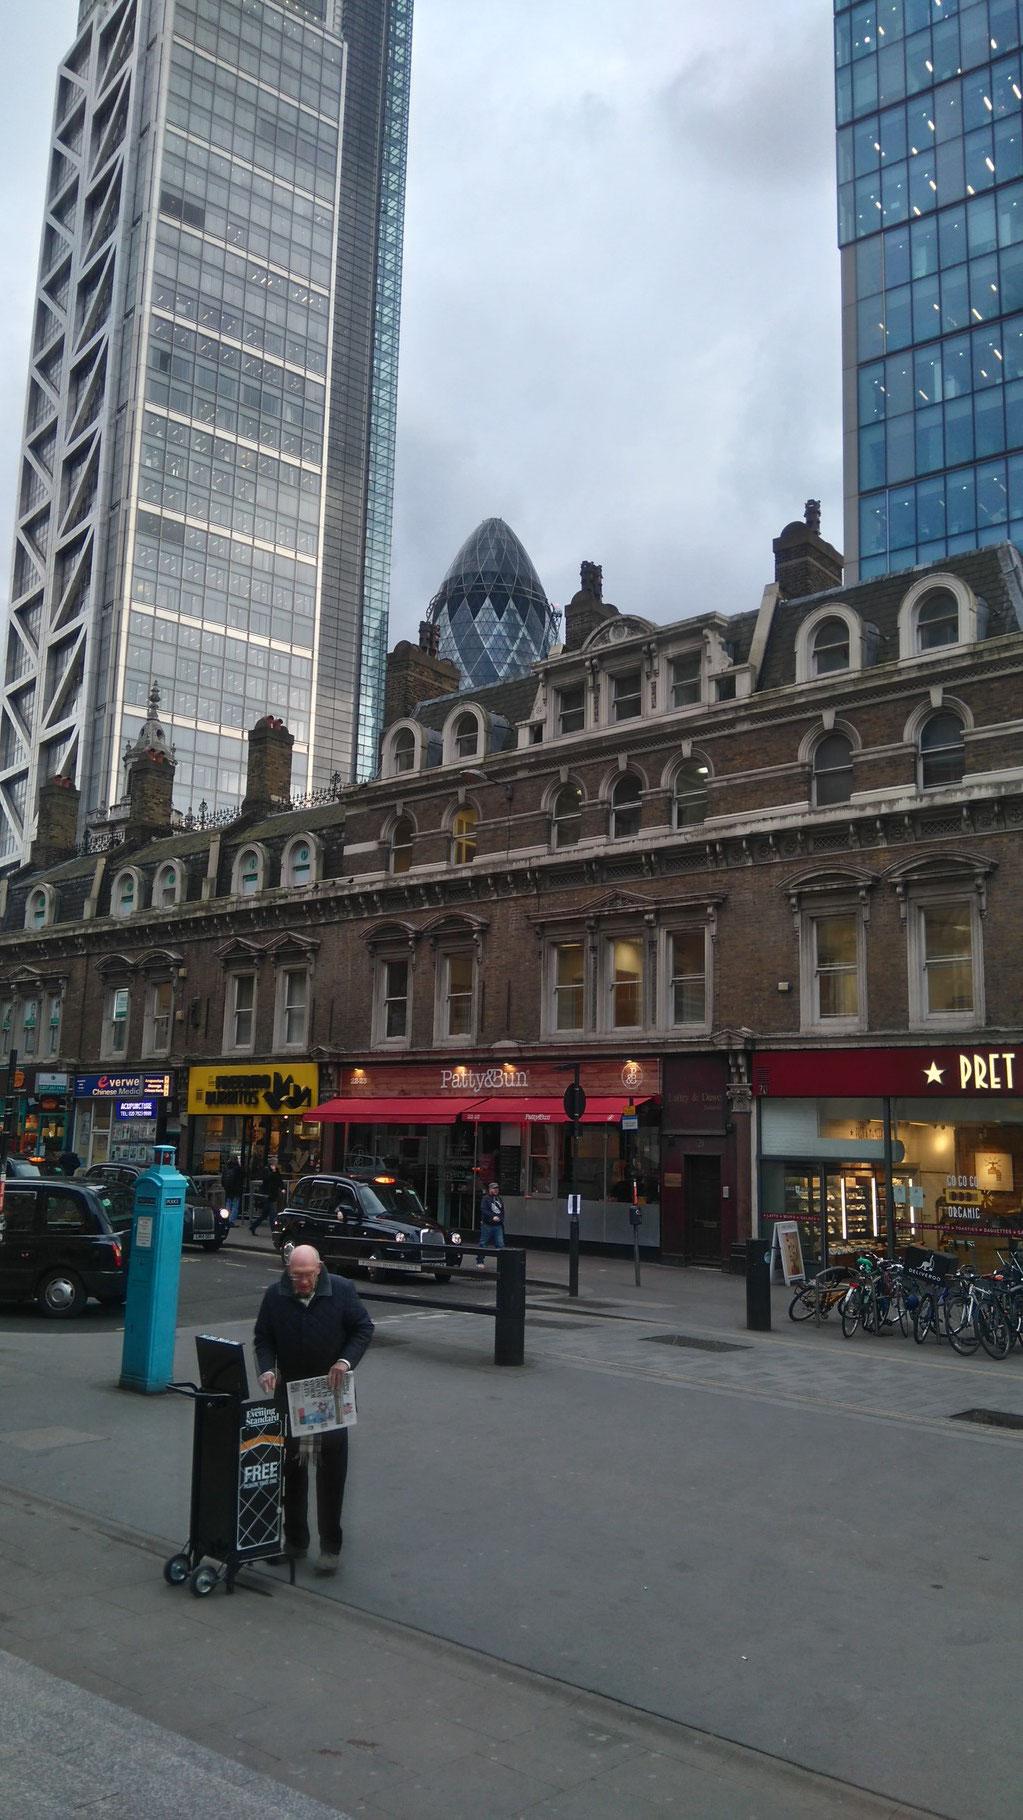 リバプールストリート駅からシティー方面の景色